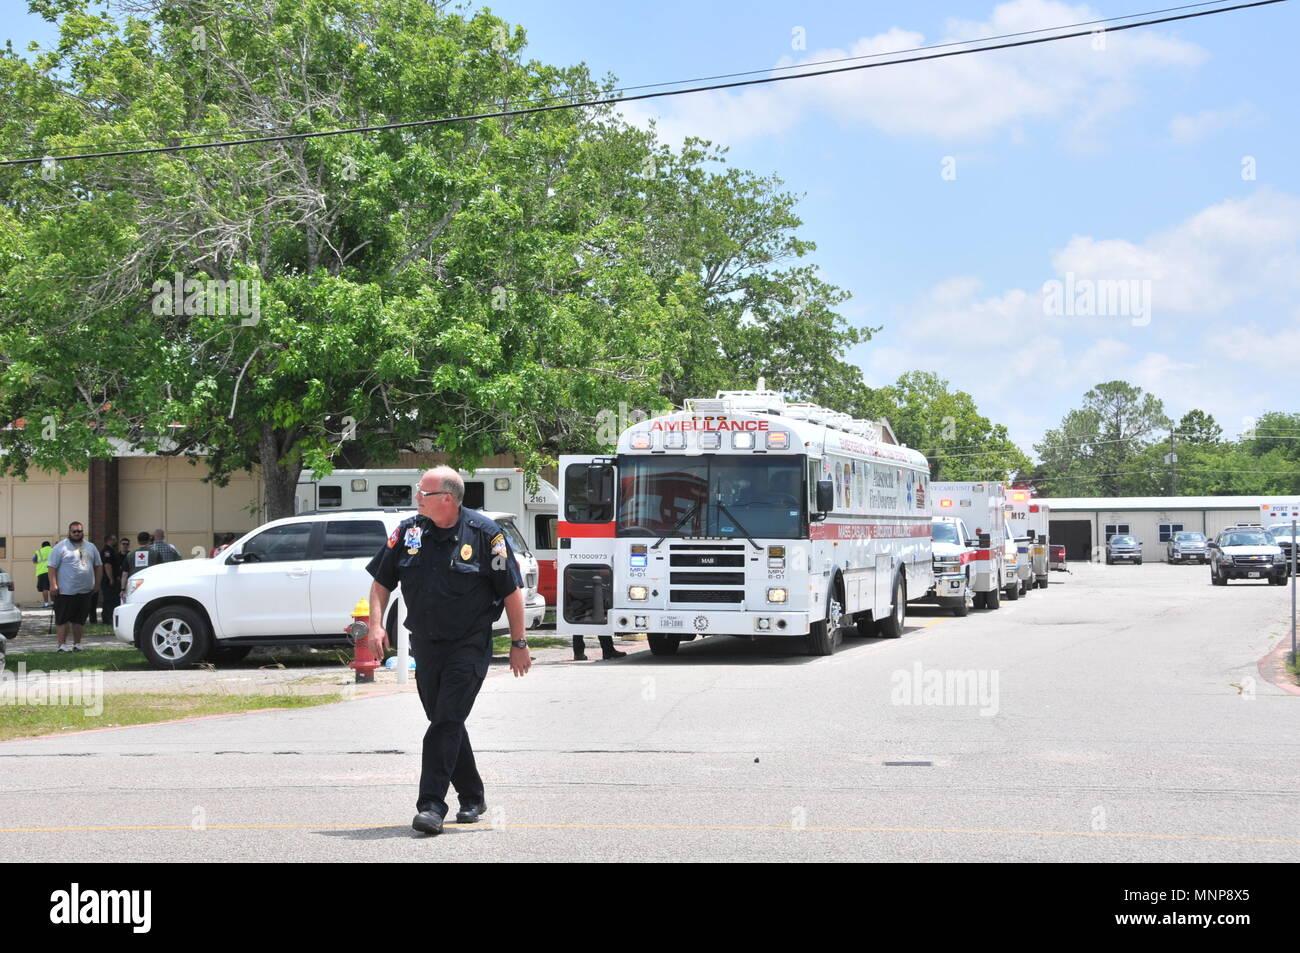 police ambulance shotgun